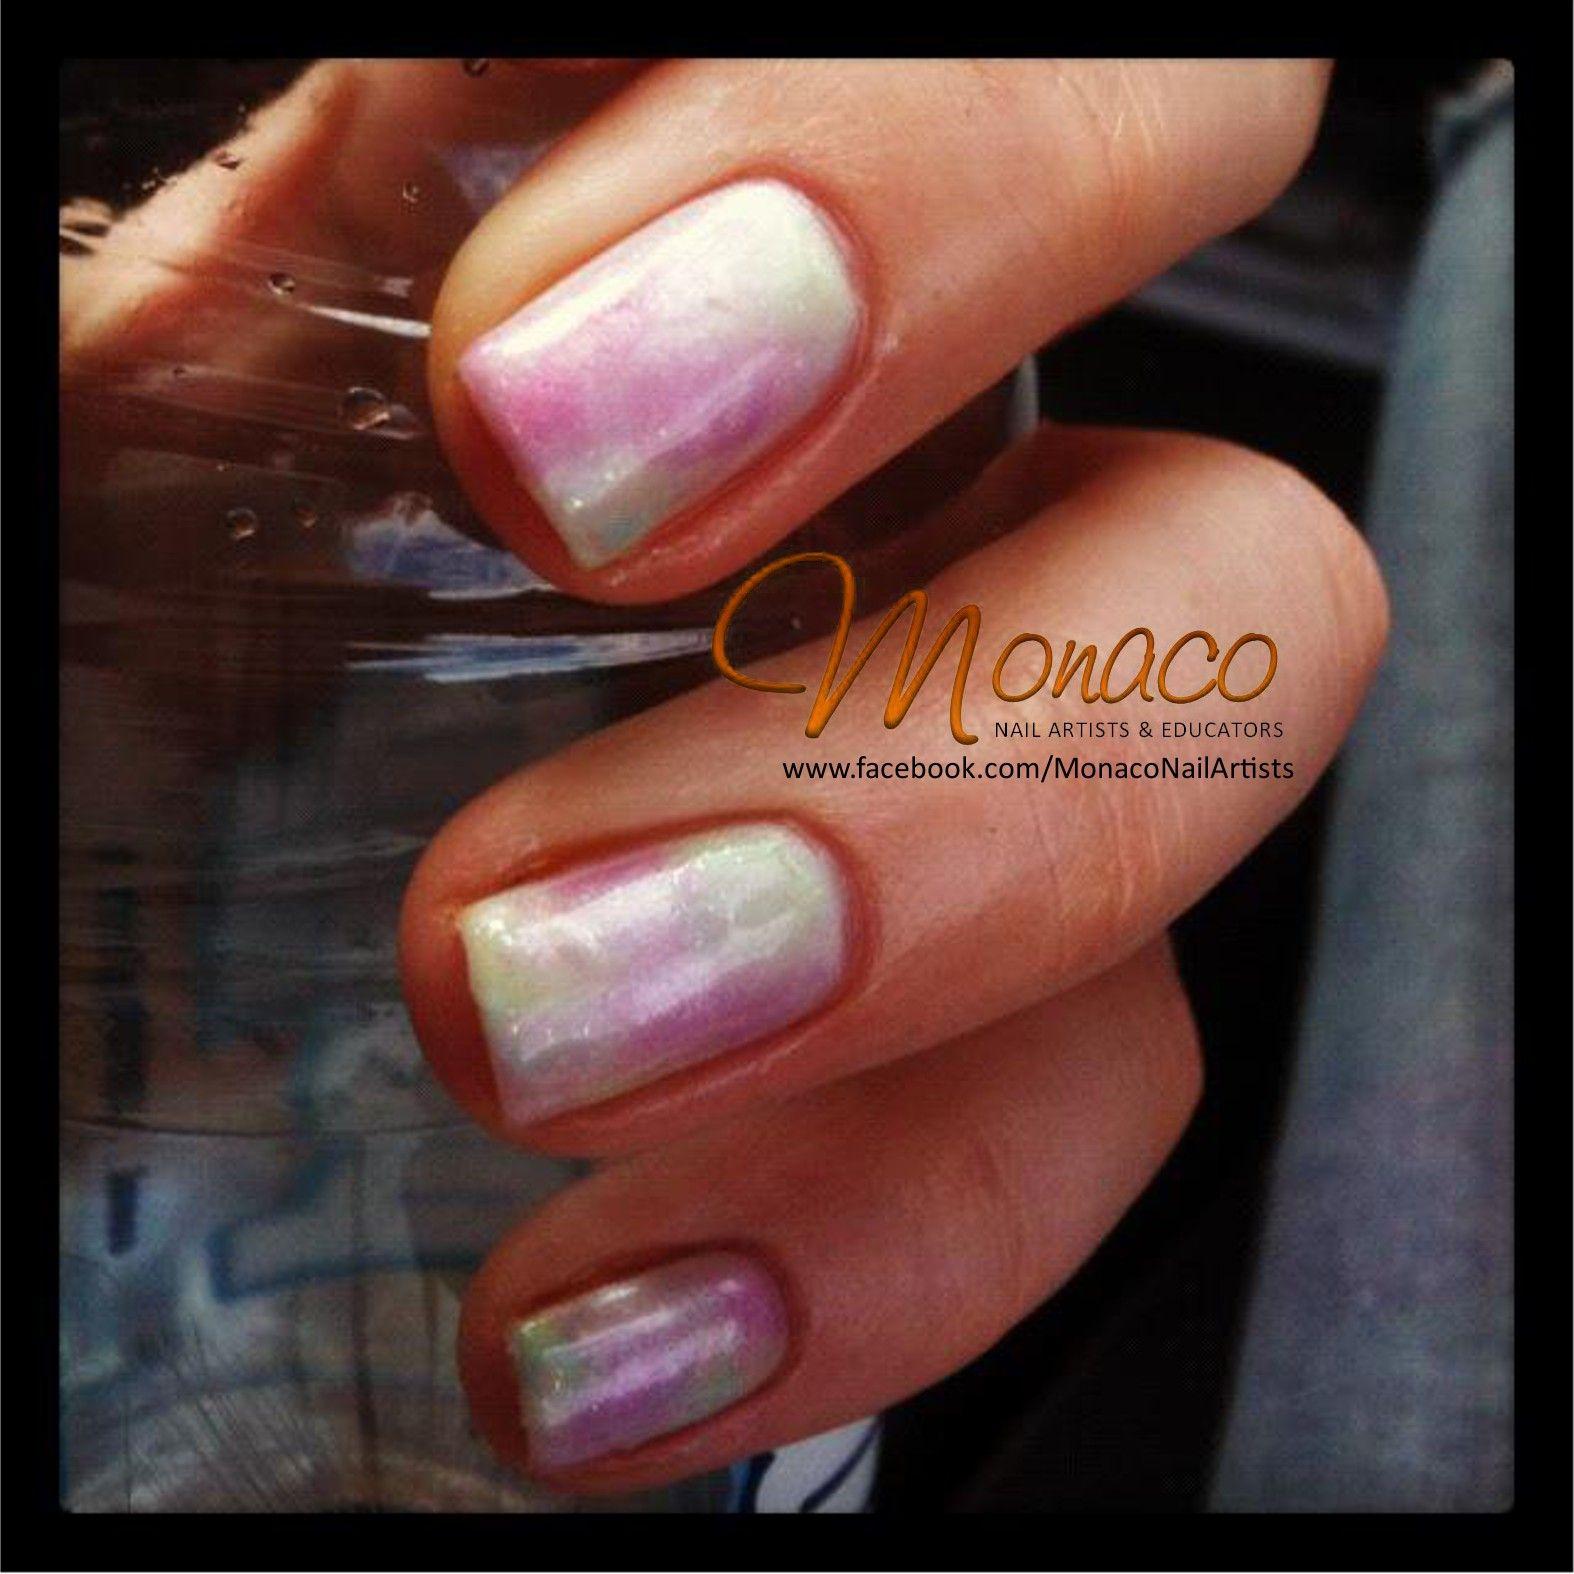 Monaco Nail Academy Nails, Opal nails, Nail artist